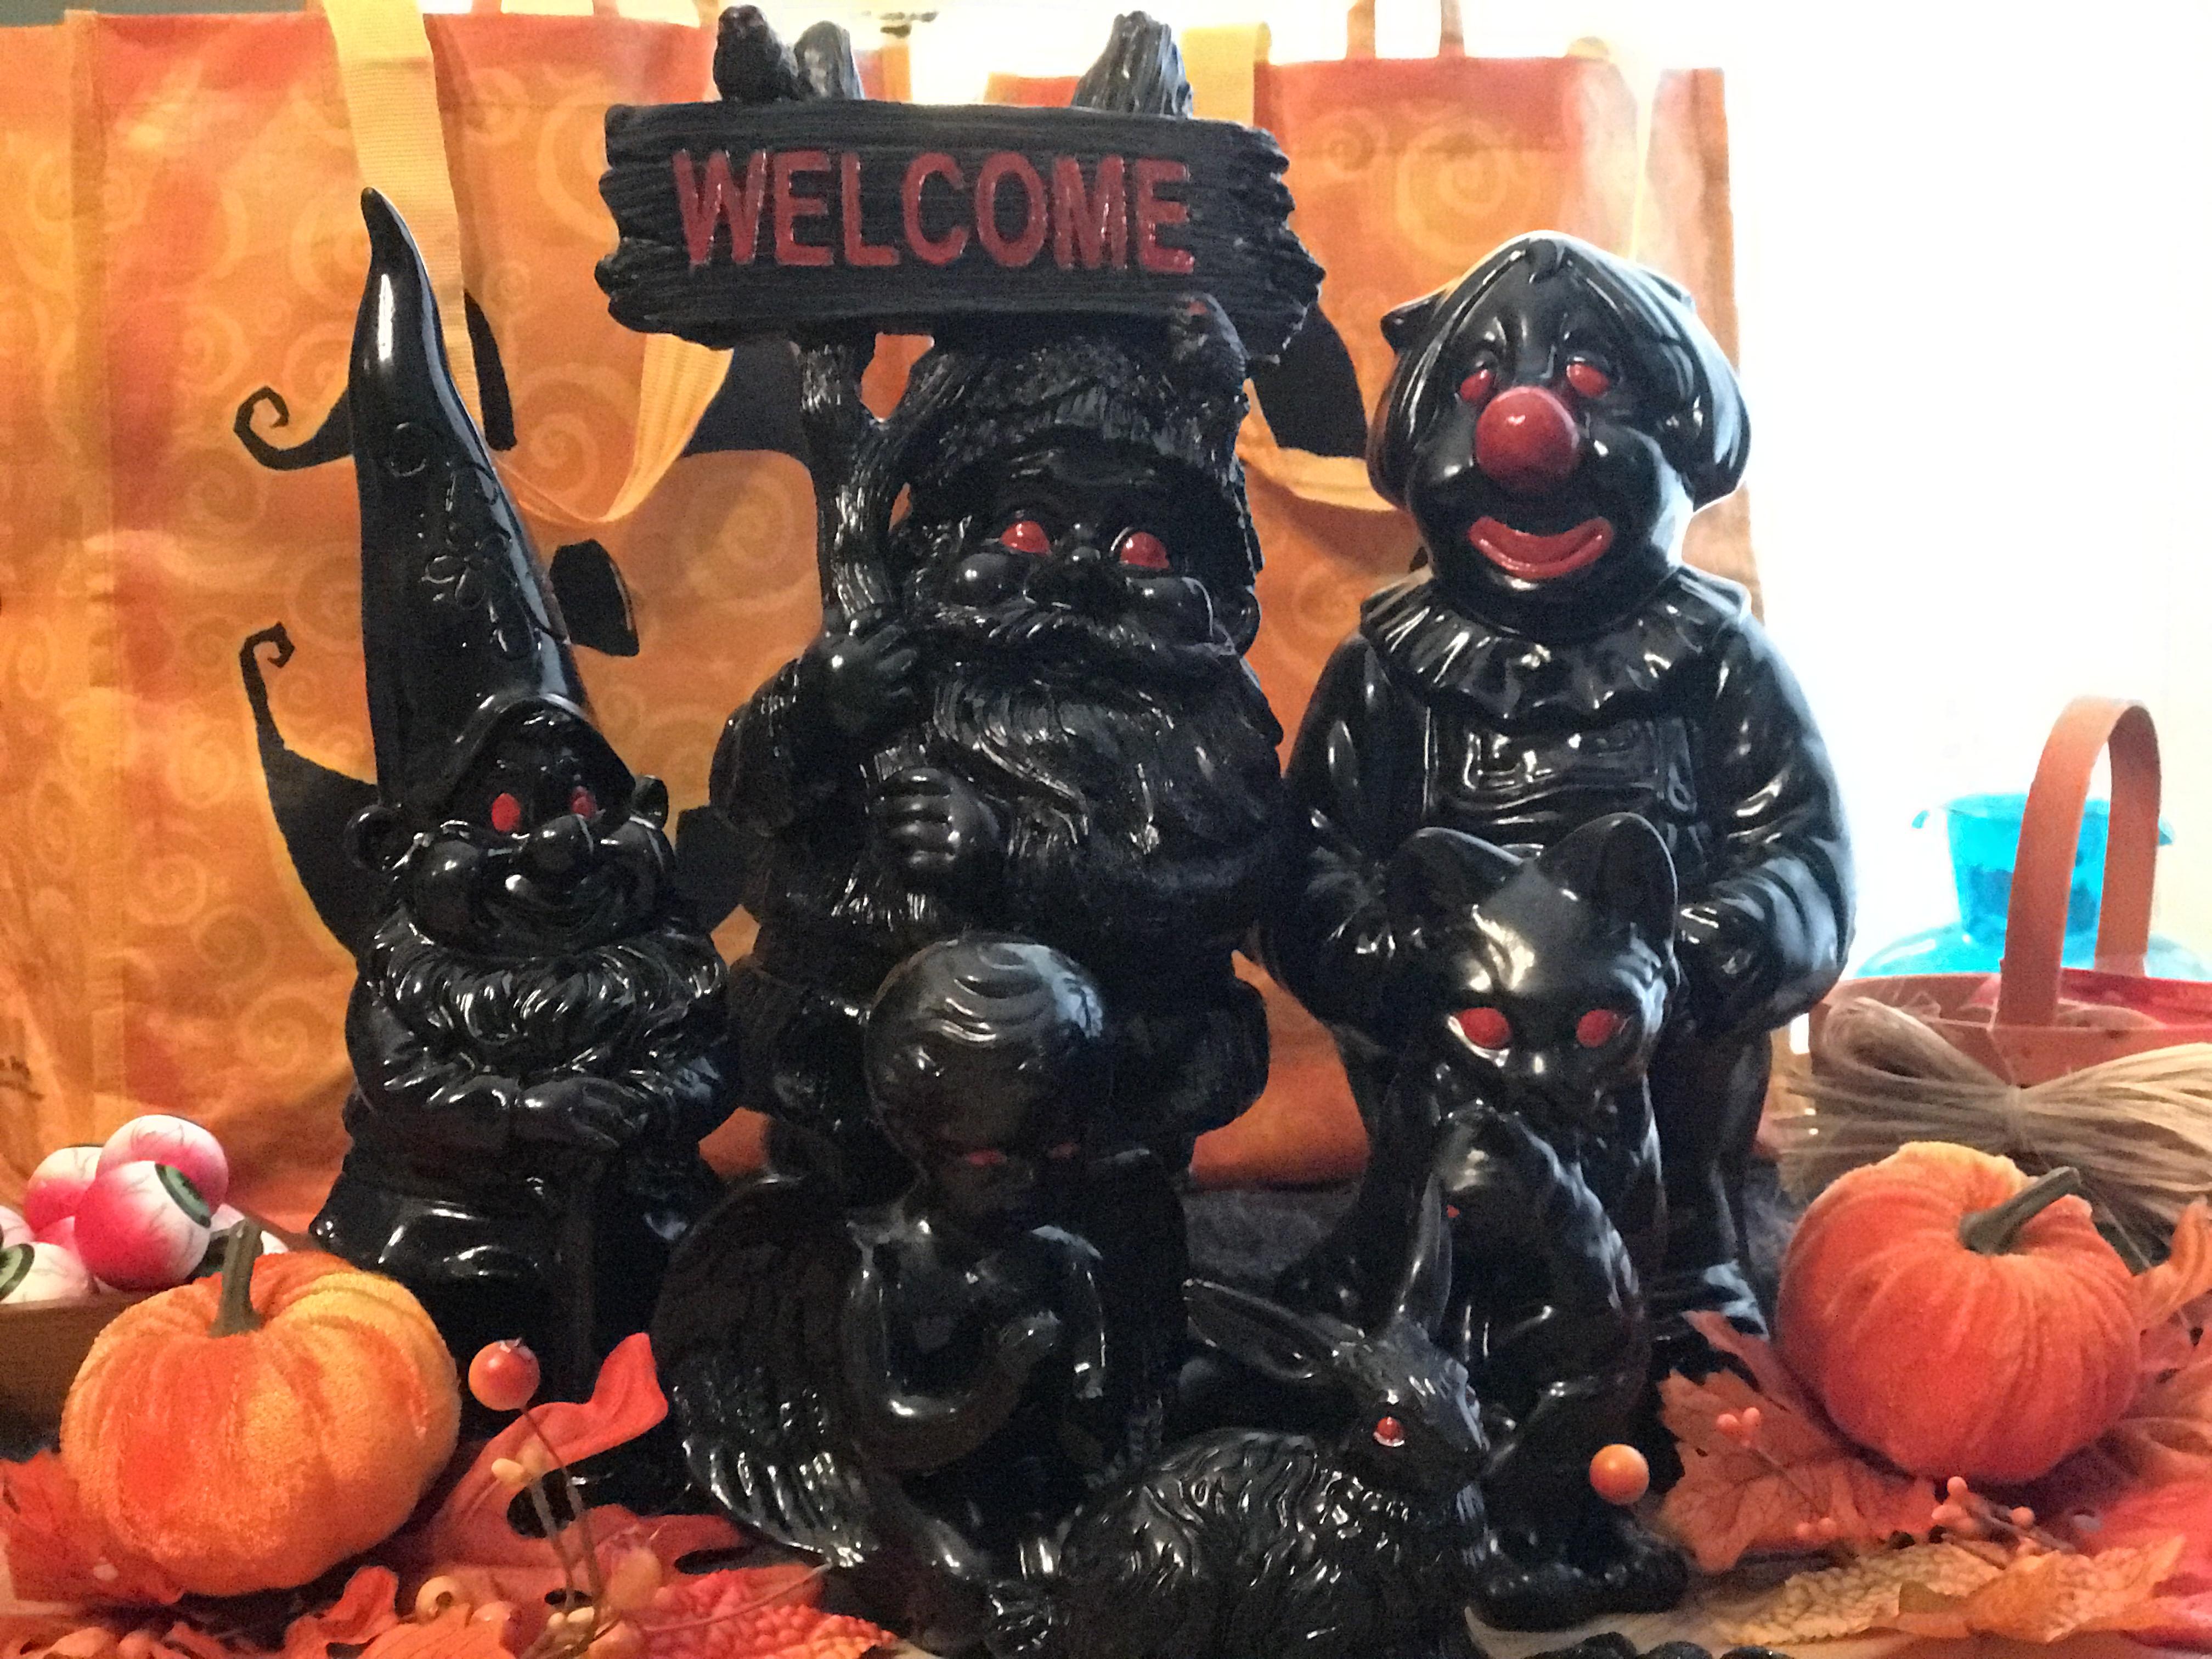 Creepy Figurines